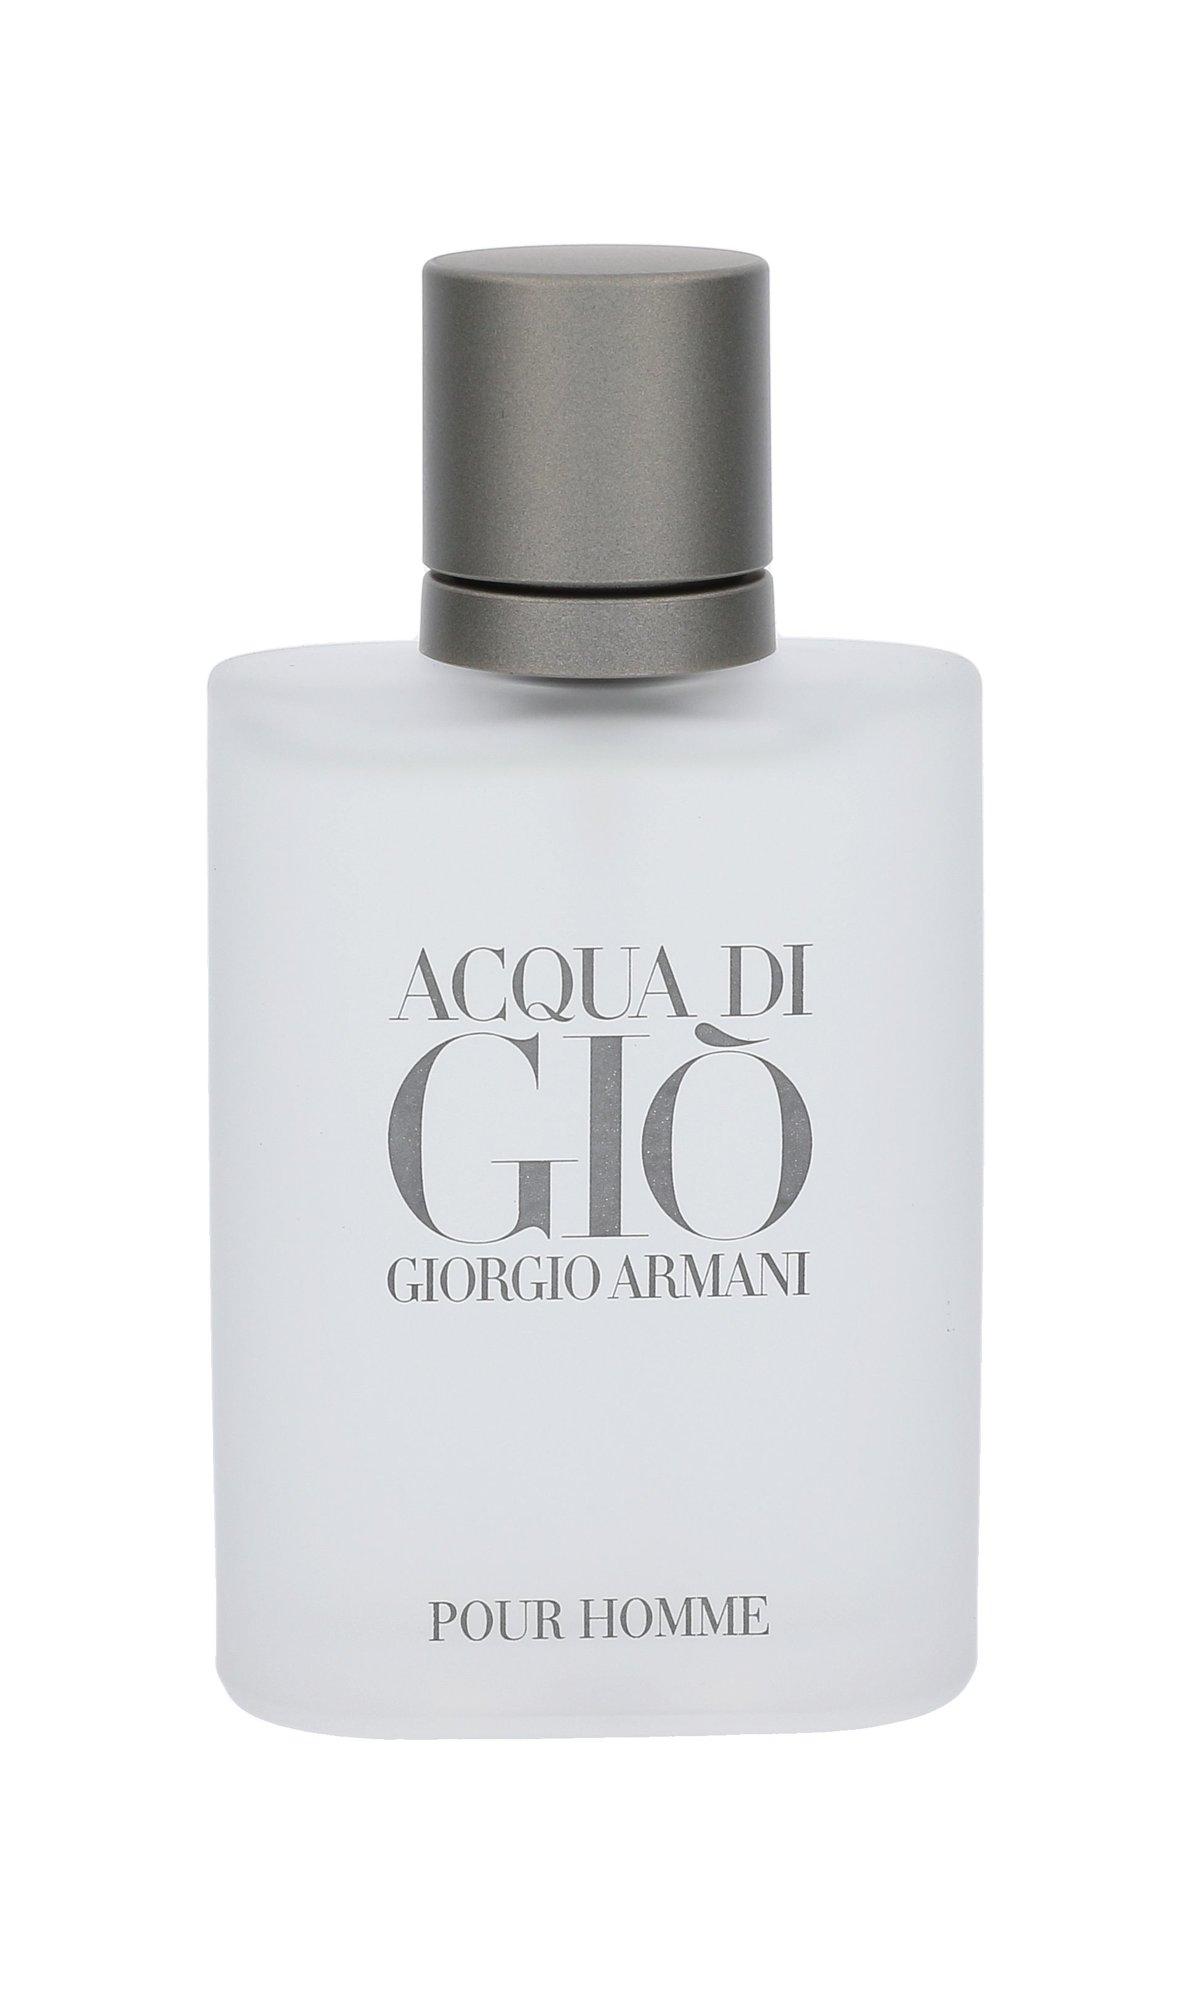 Giorgio Armani Acqua di Gio EDT 30ml